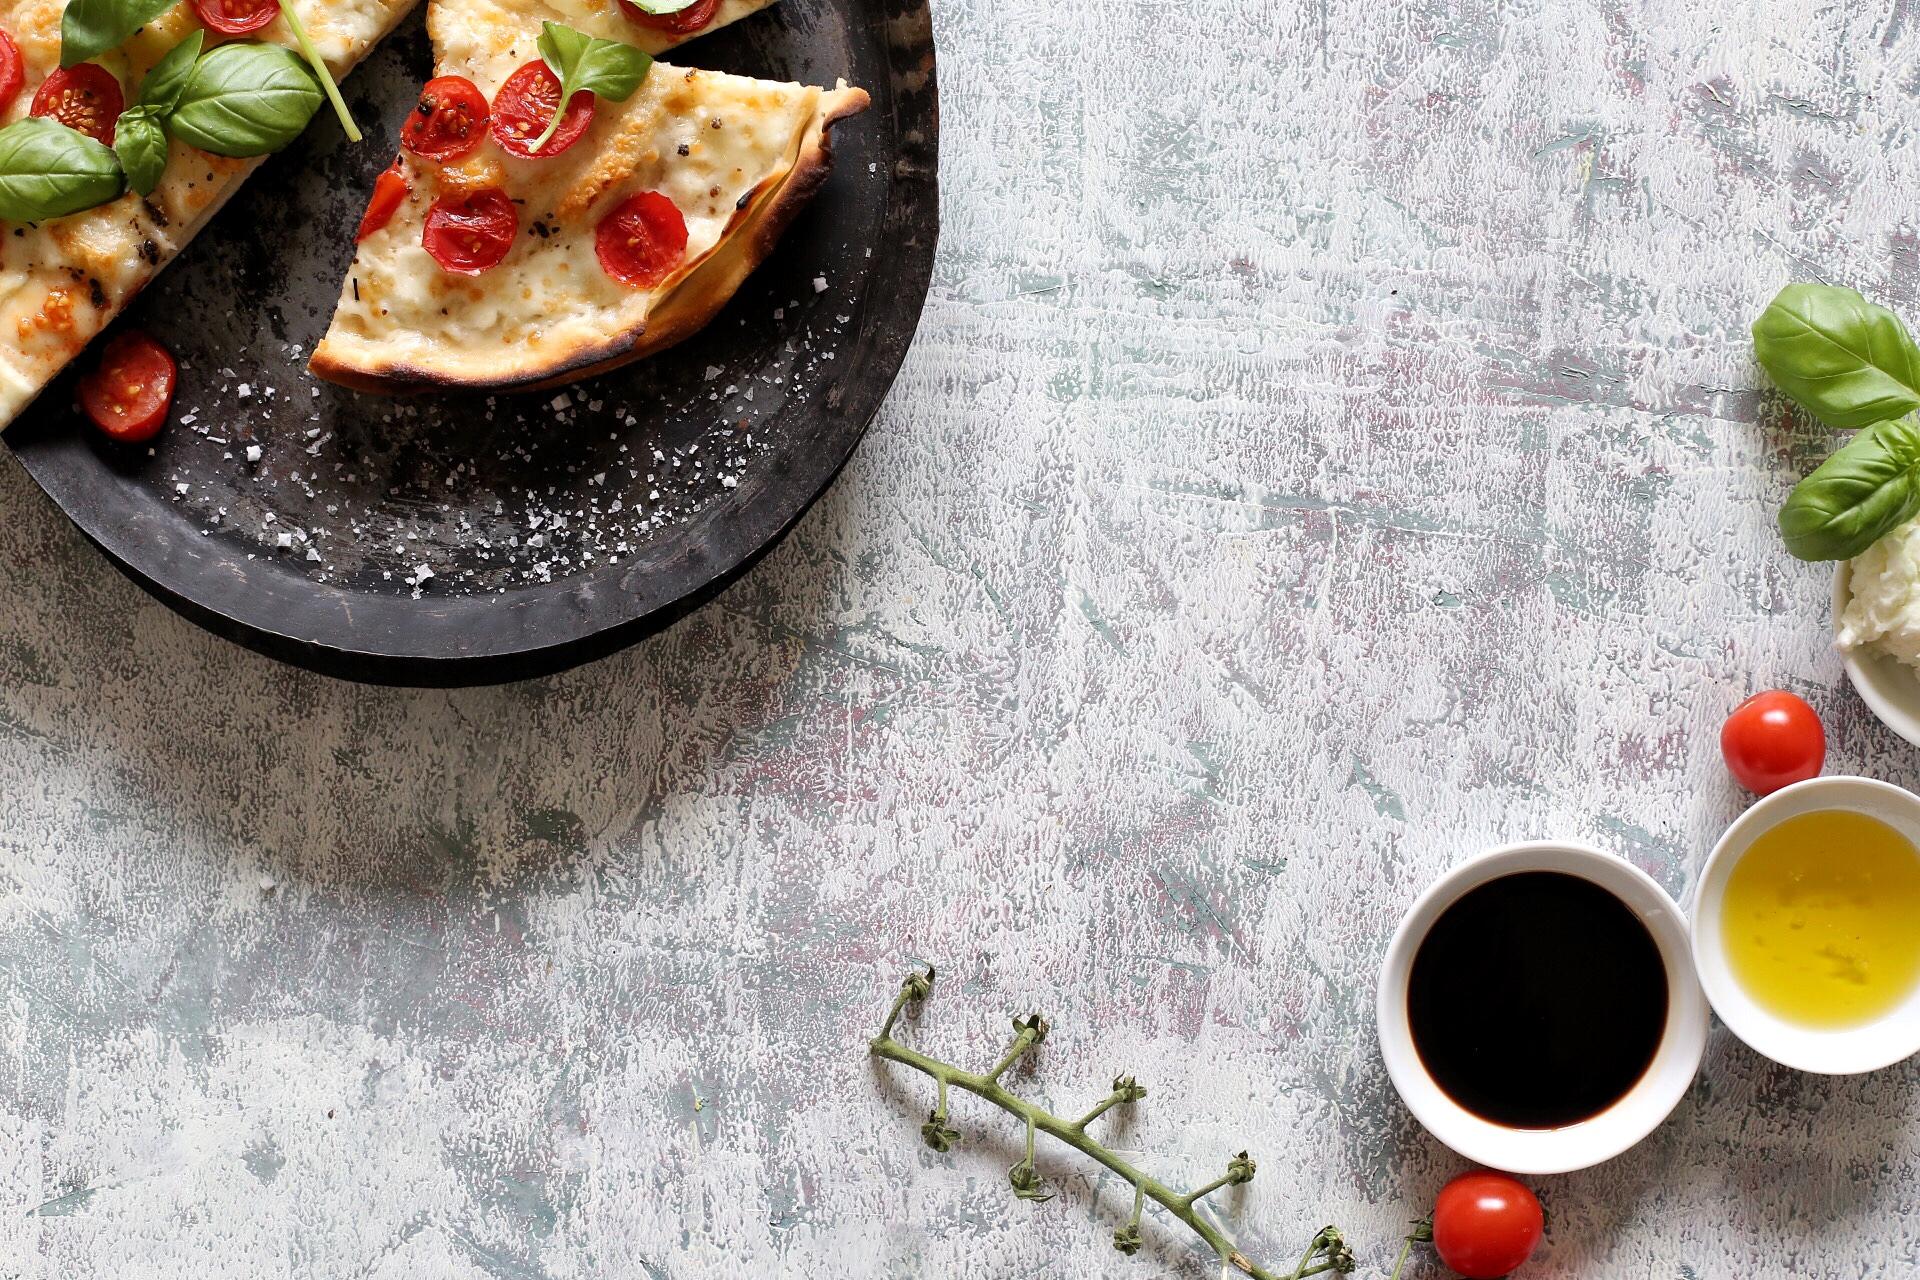 Pinsa mit Mozzarella, Tomaten und Basilikum: Pizza wie in